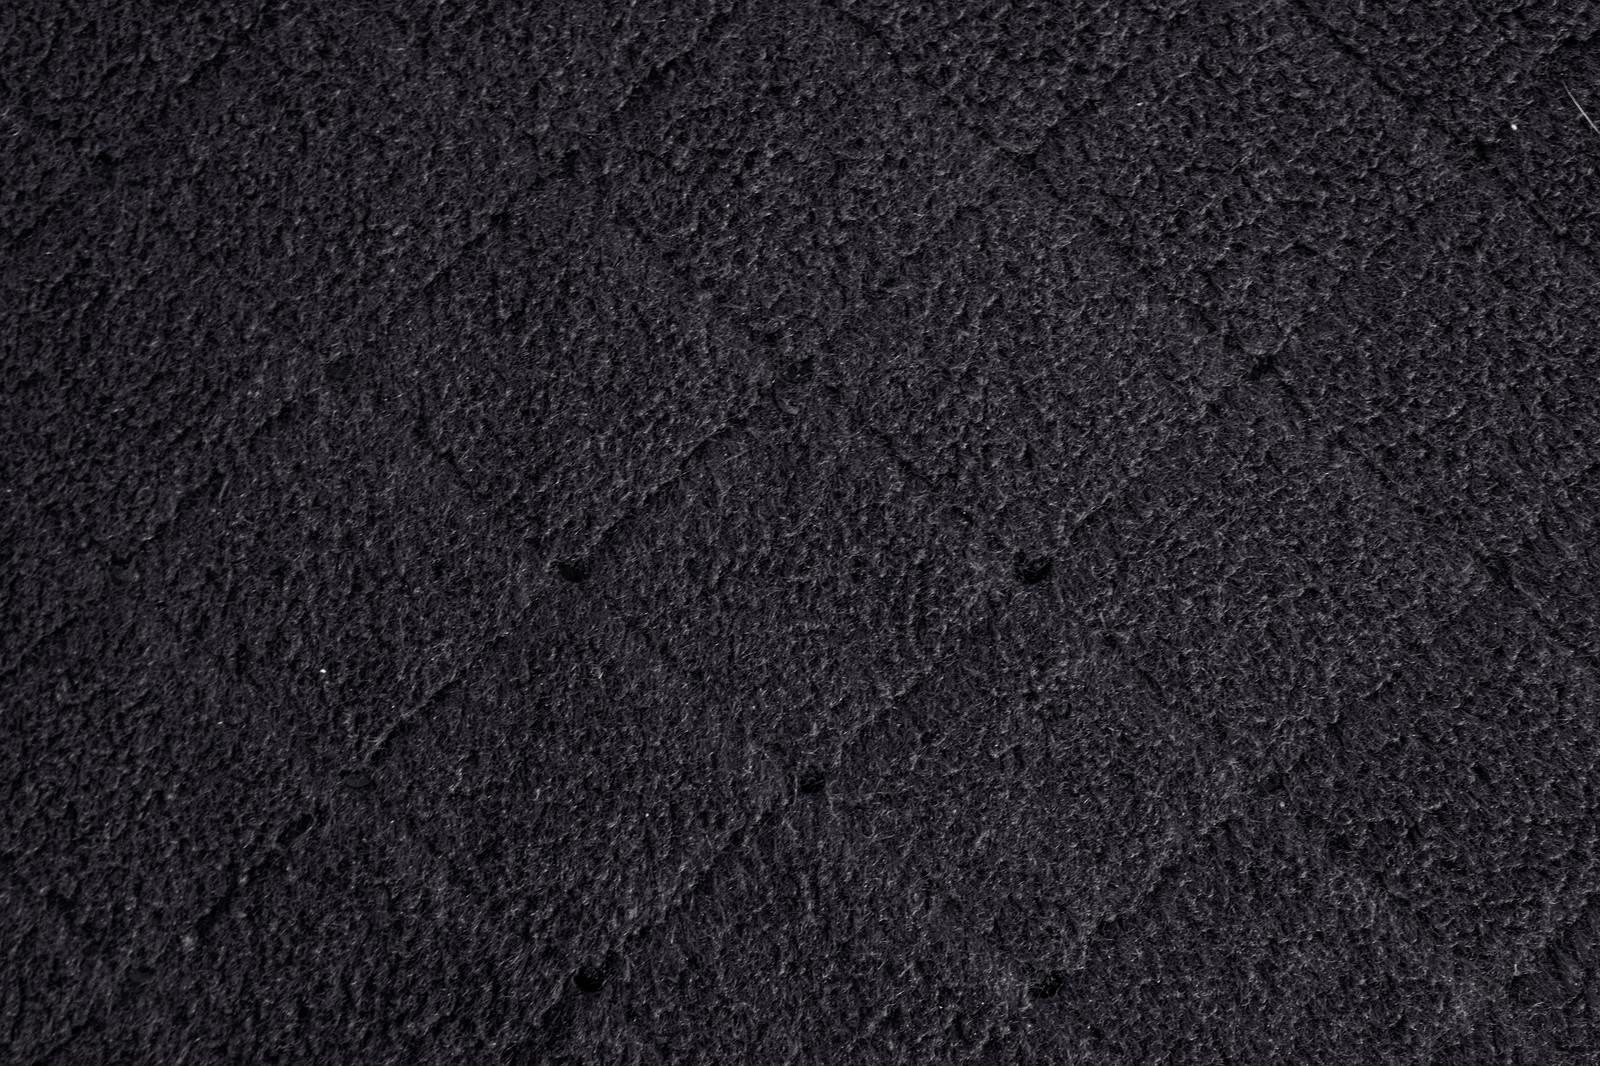 「暗い吹付けタイル(テクスチャ)」の写真